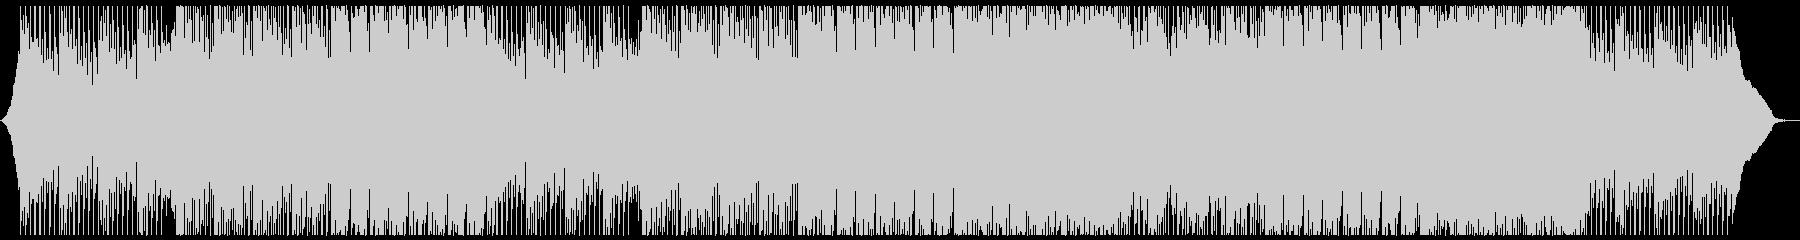 企業VP ピアノ  キラキラ 爽やか の未再生の波形